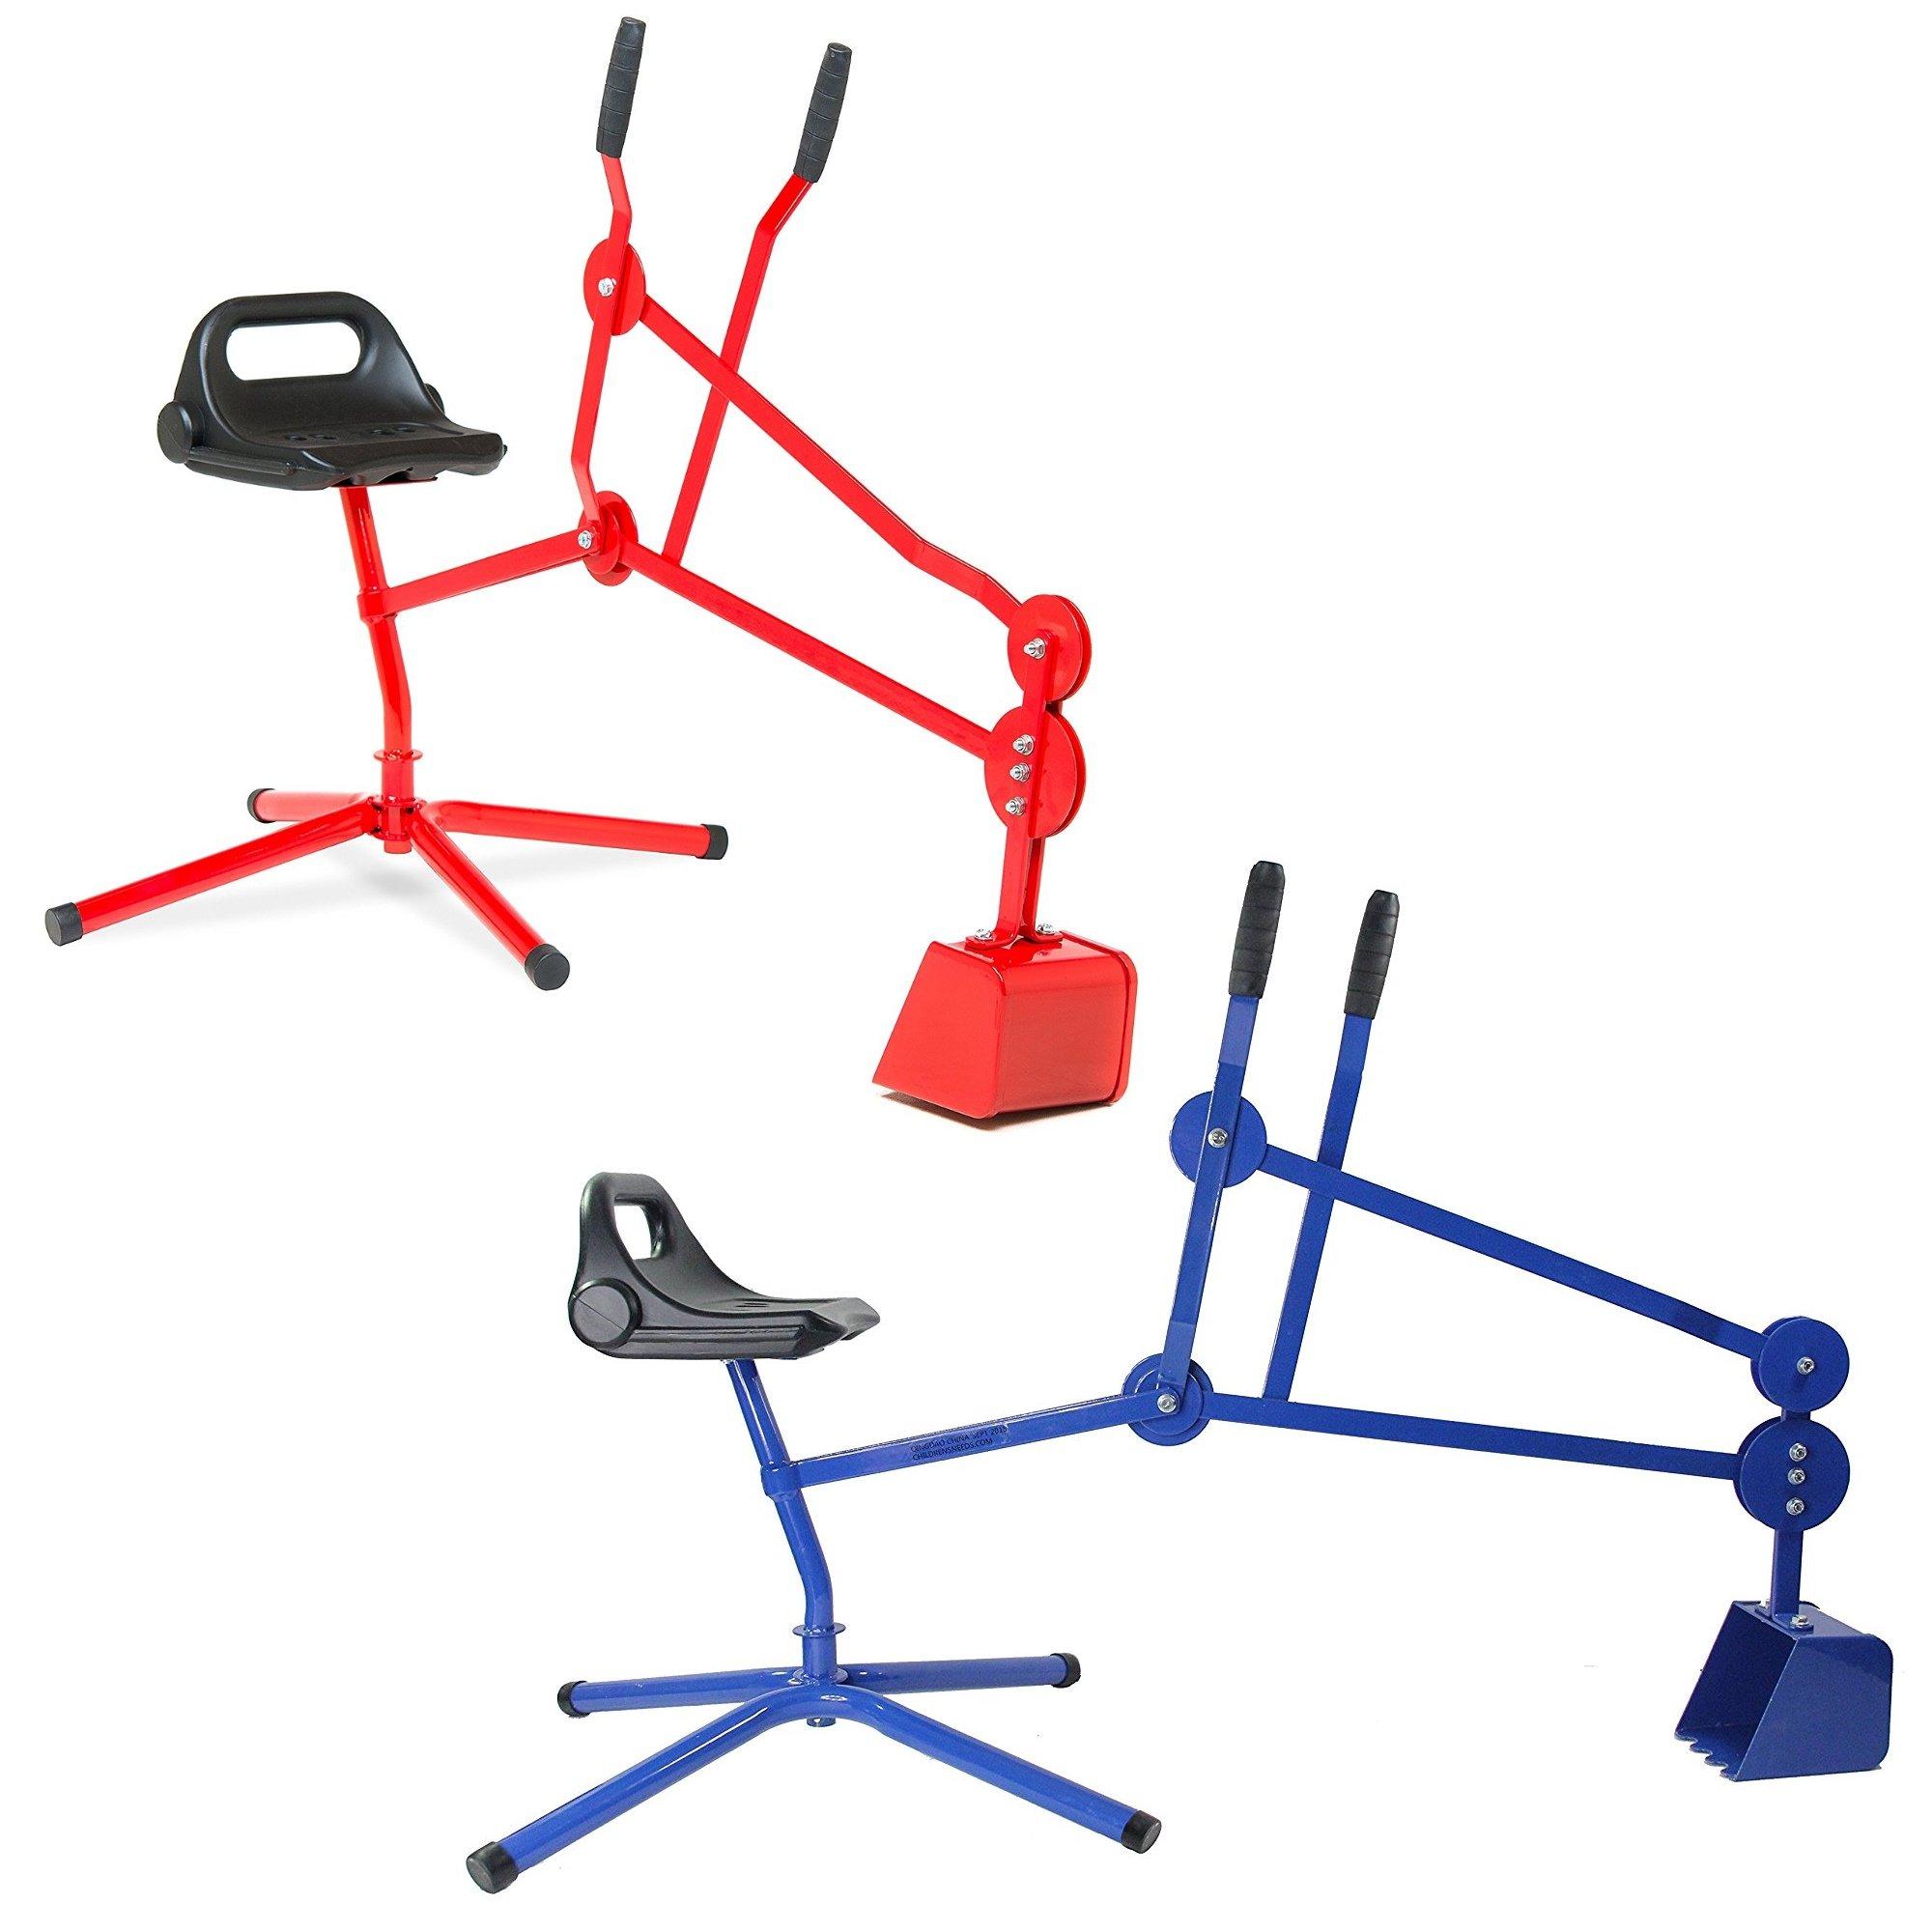 Bundle - 2 Sand Digger Toy Crane (Red) (Blue)